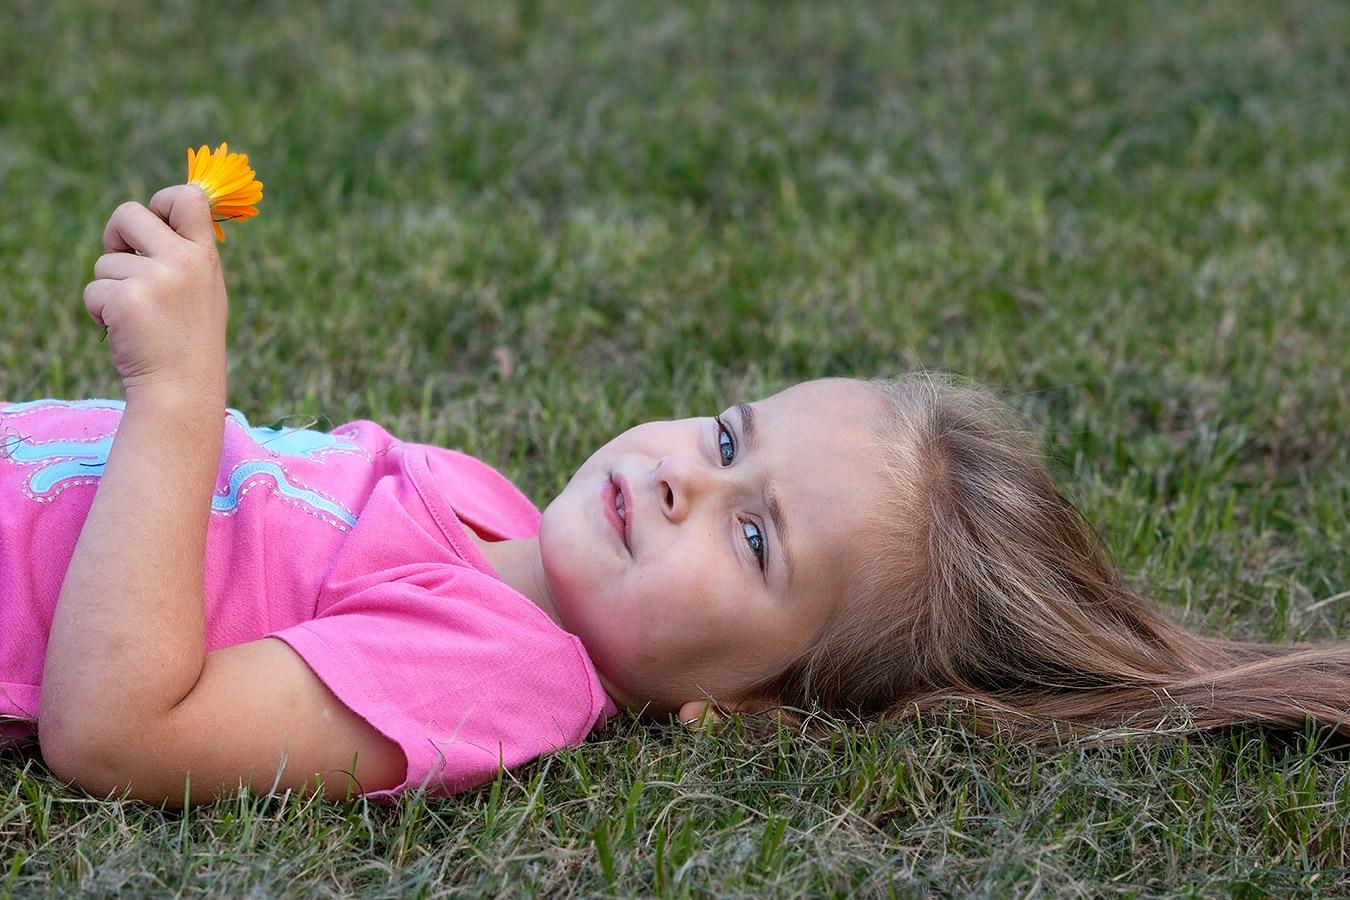 Portrait eines Mädchens liegend auf dem Rasen